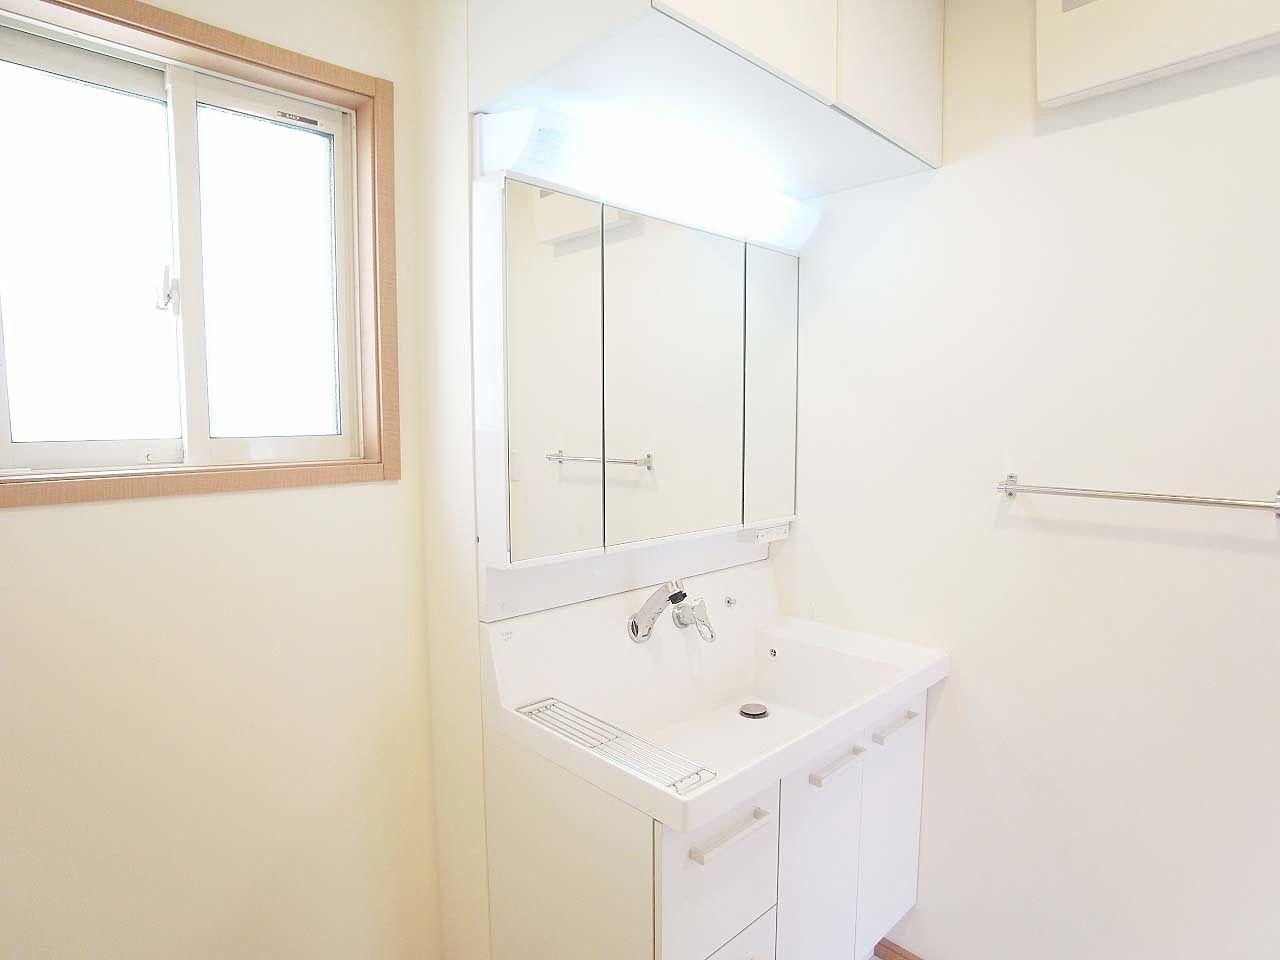 洗面台上部には収納があります。さらに床下収納もあります。